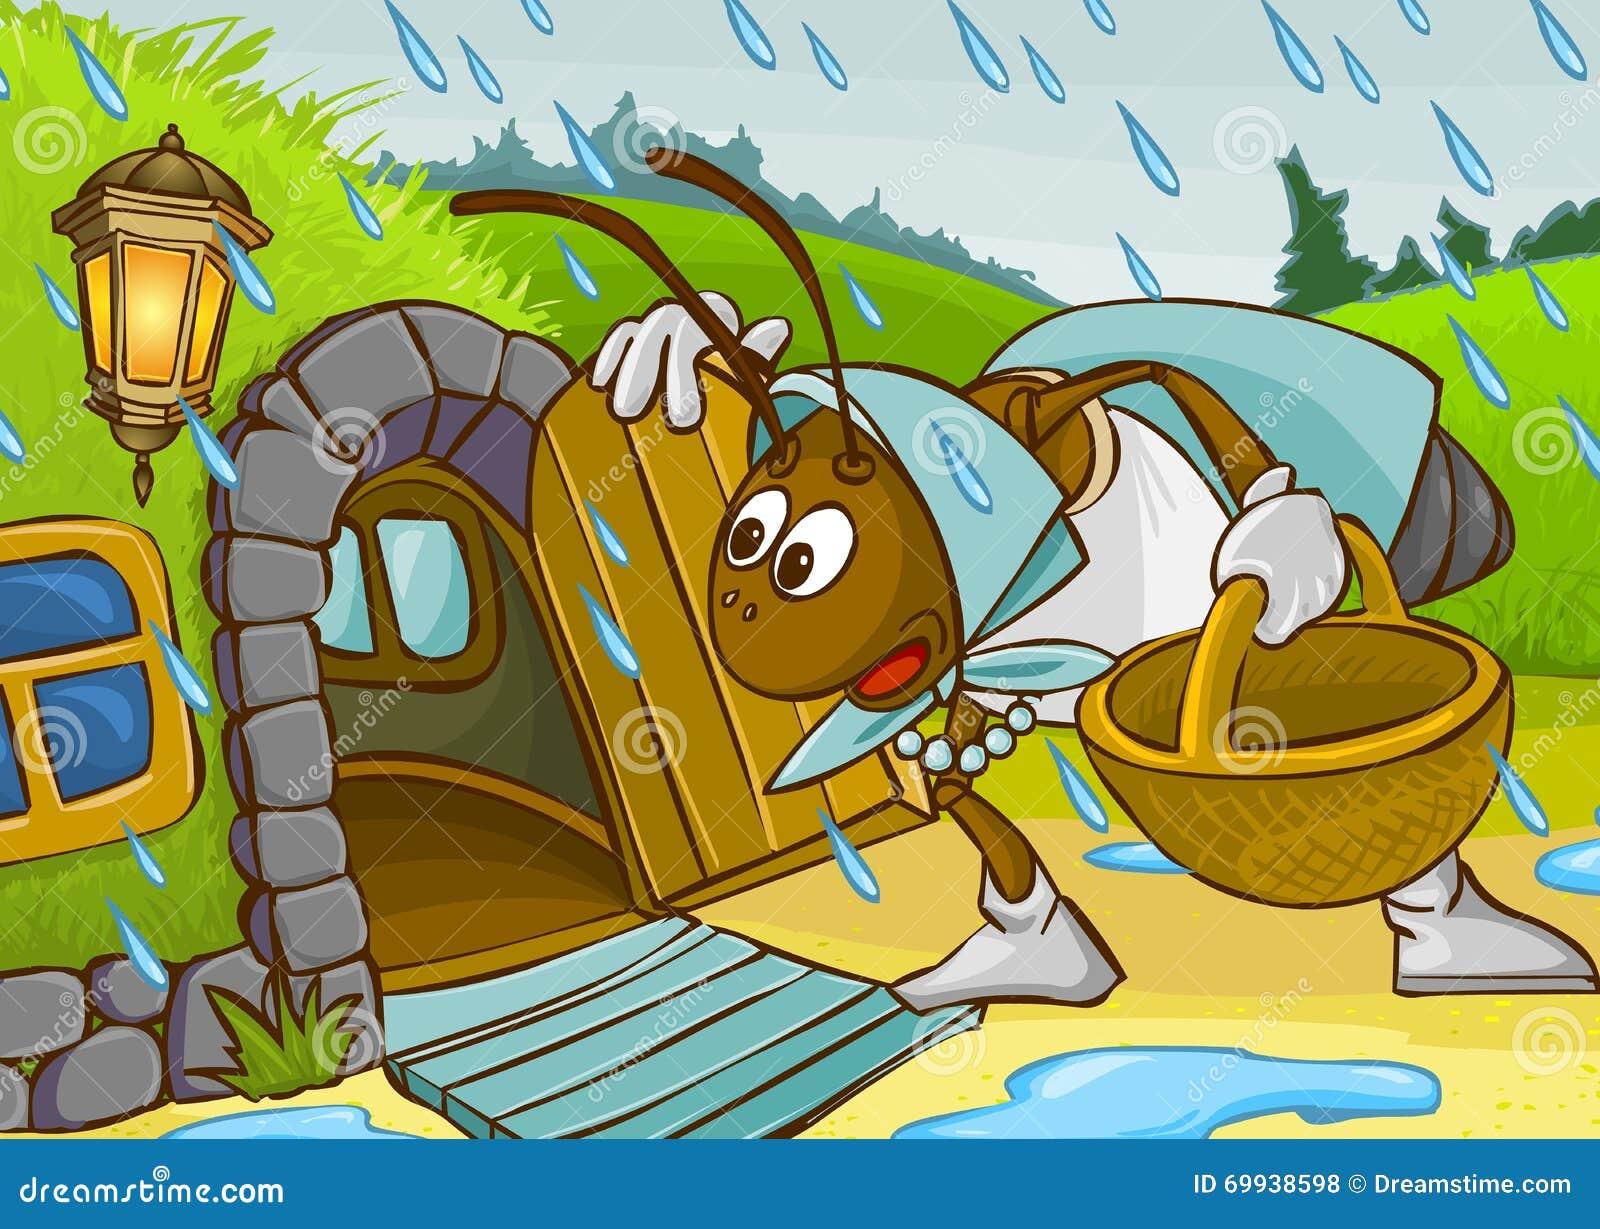 食物蚂蚁搬蚂蚁囹a_酒店搬方案菜品蚂蚁_图片食物提成厨师卡通卡通图片